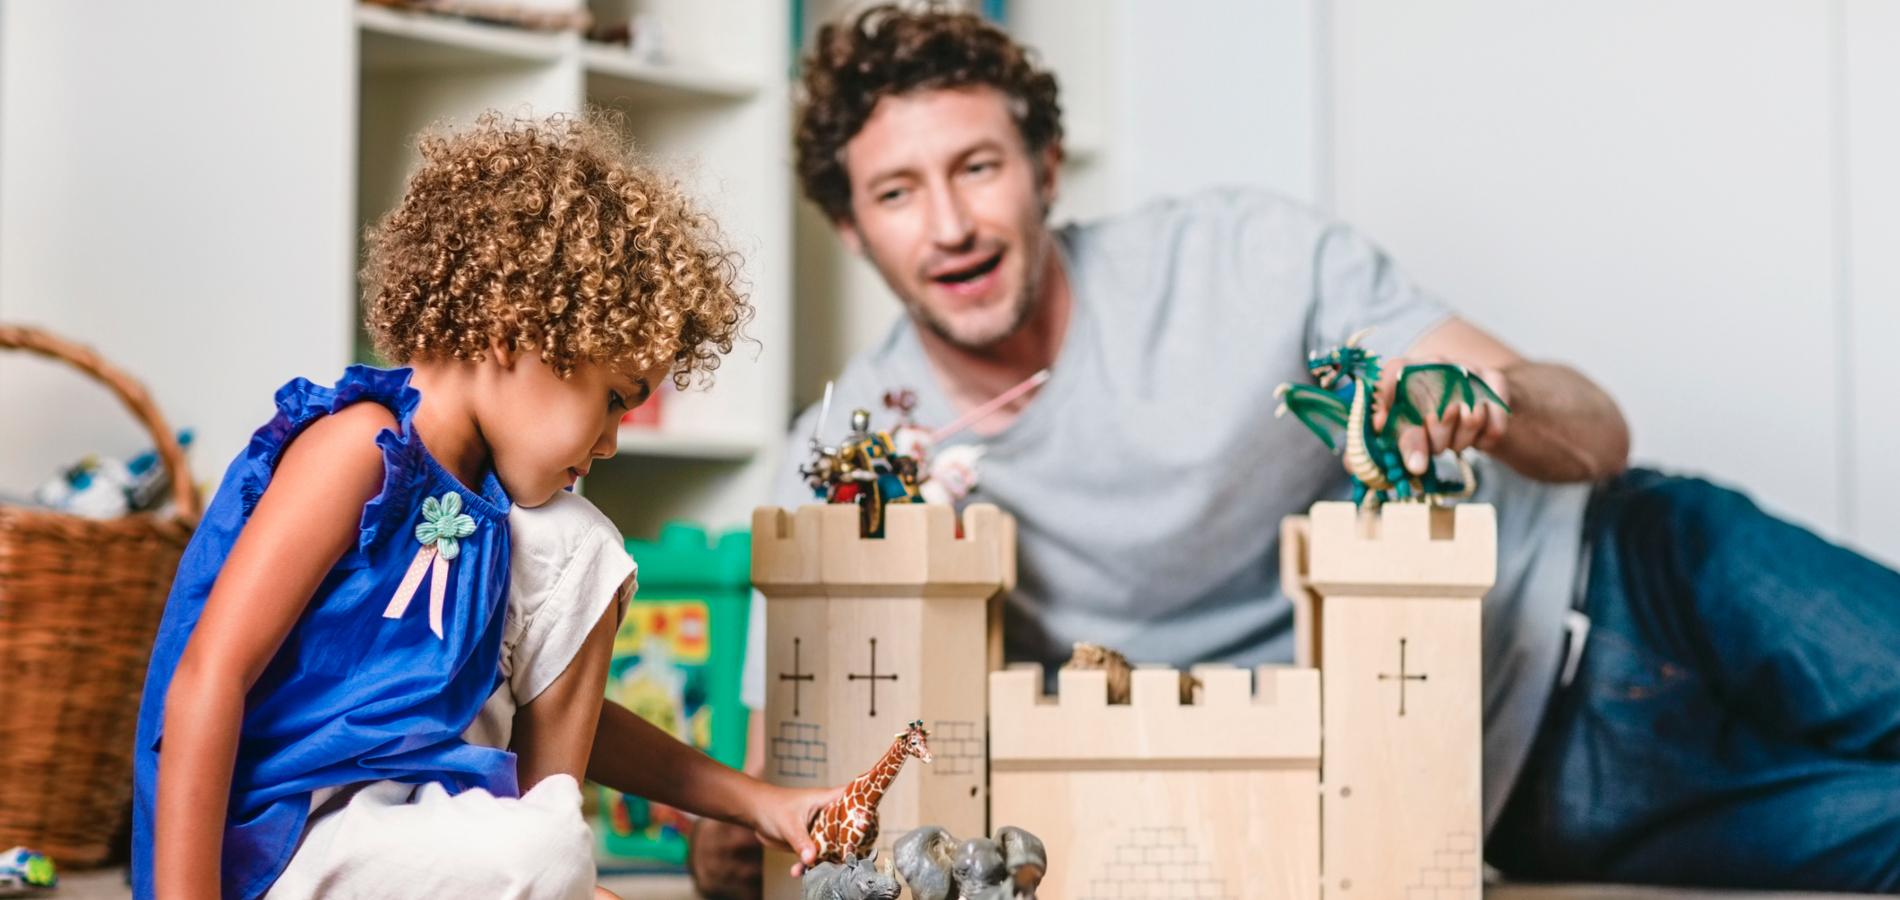 Éducation : ces parents qui imposent à leurs enfants une diète digitale